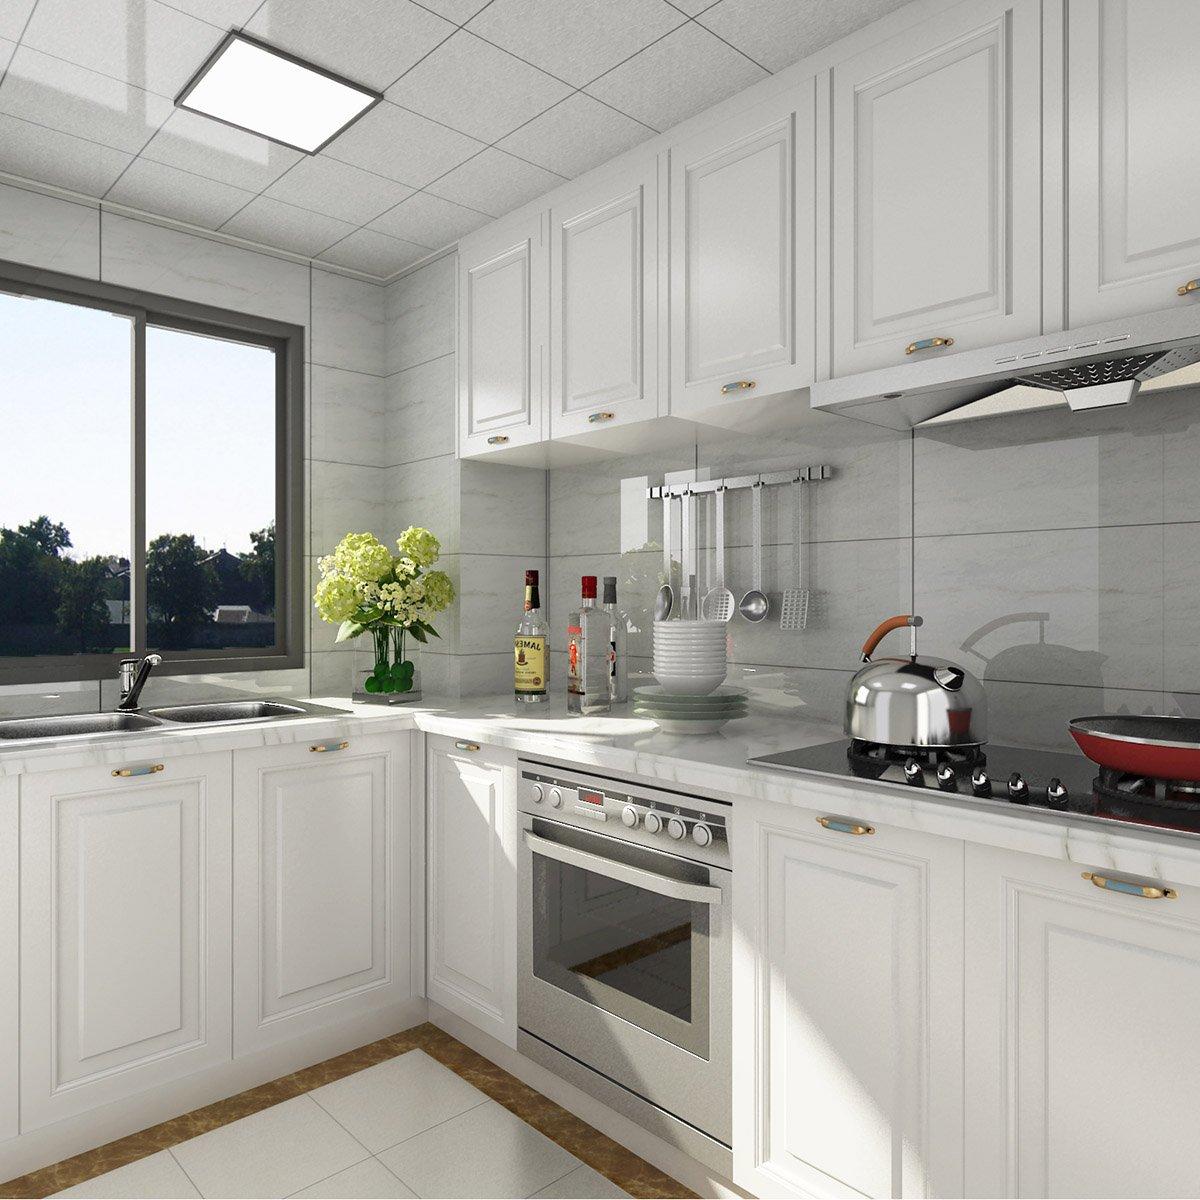 Ausgezeichnet Können Sie Den Fleck Farbe Auf Küchenschränke ändern ...